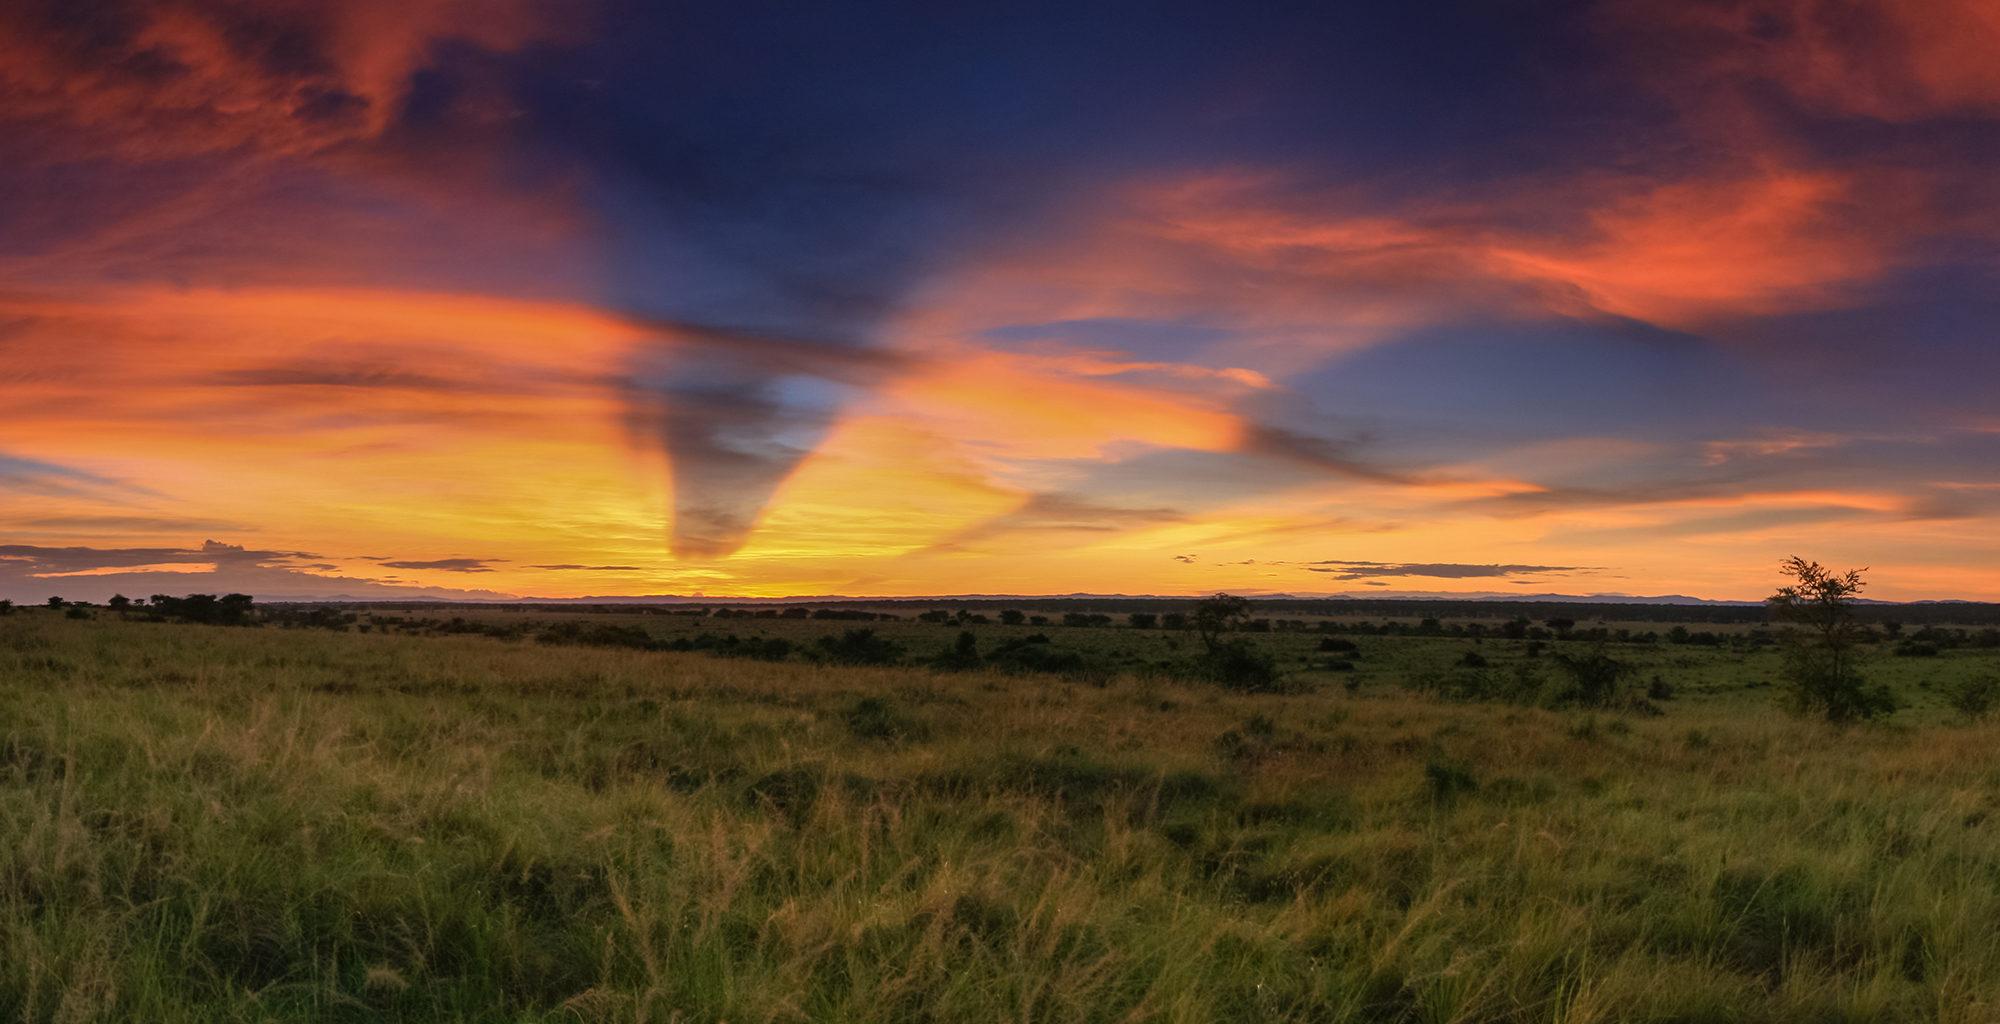 Uganda-Queen-Elizabeth-National-Park-Sunset